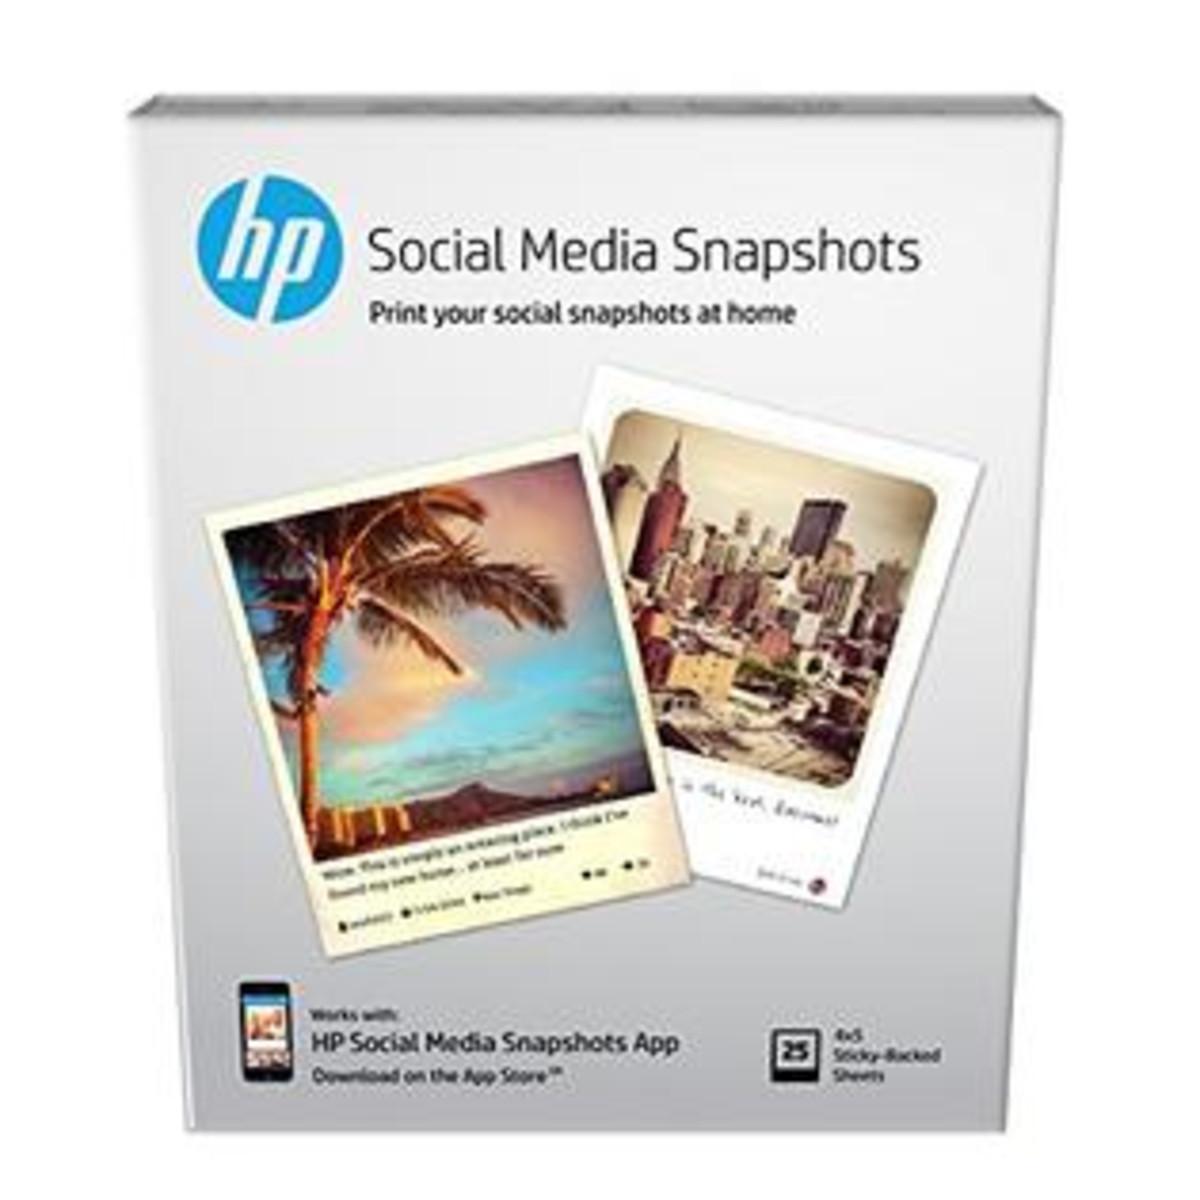 HP Social Media Snapshots - 25 Sheets 4 x 5